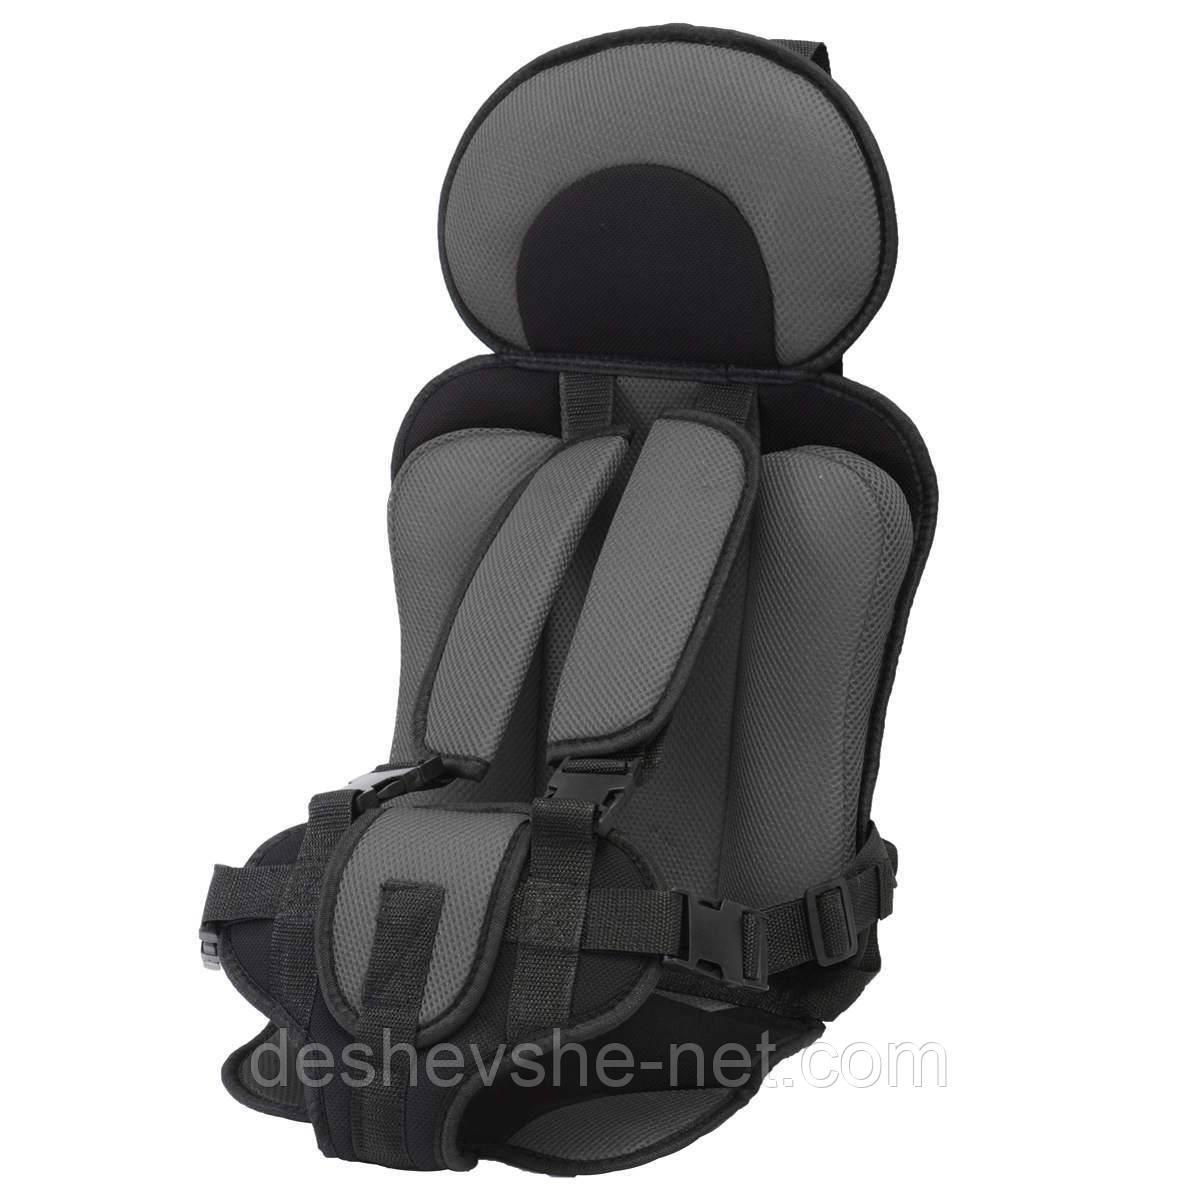 Детское бескаркасное автокресло Child Car Seat Light Black